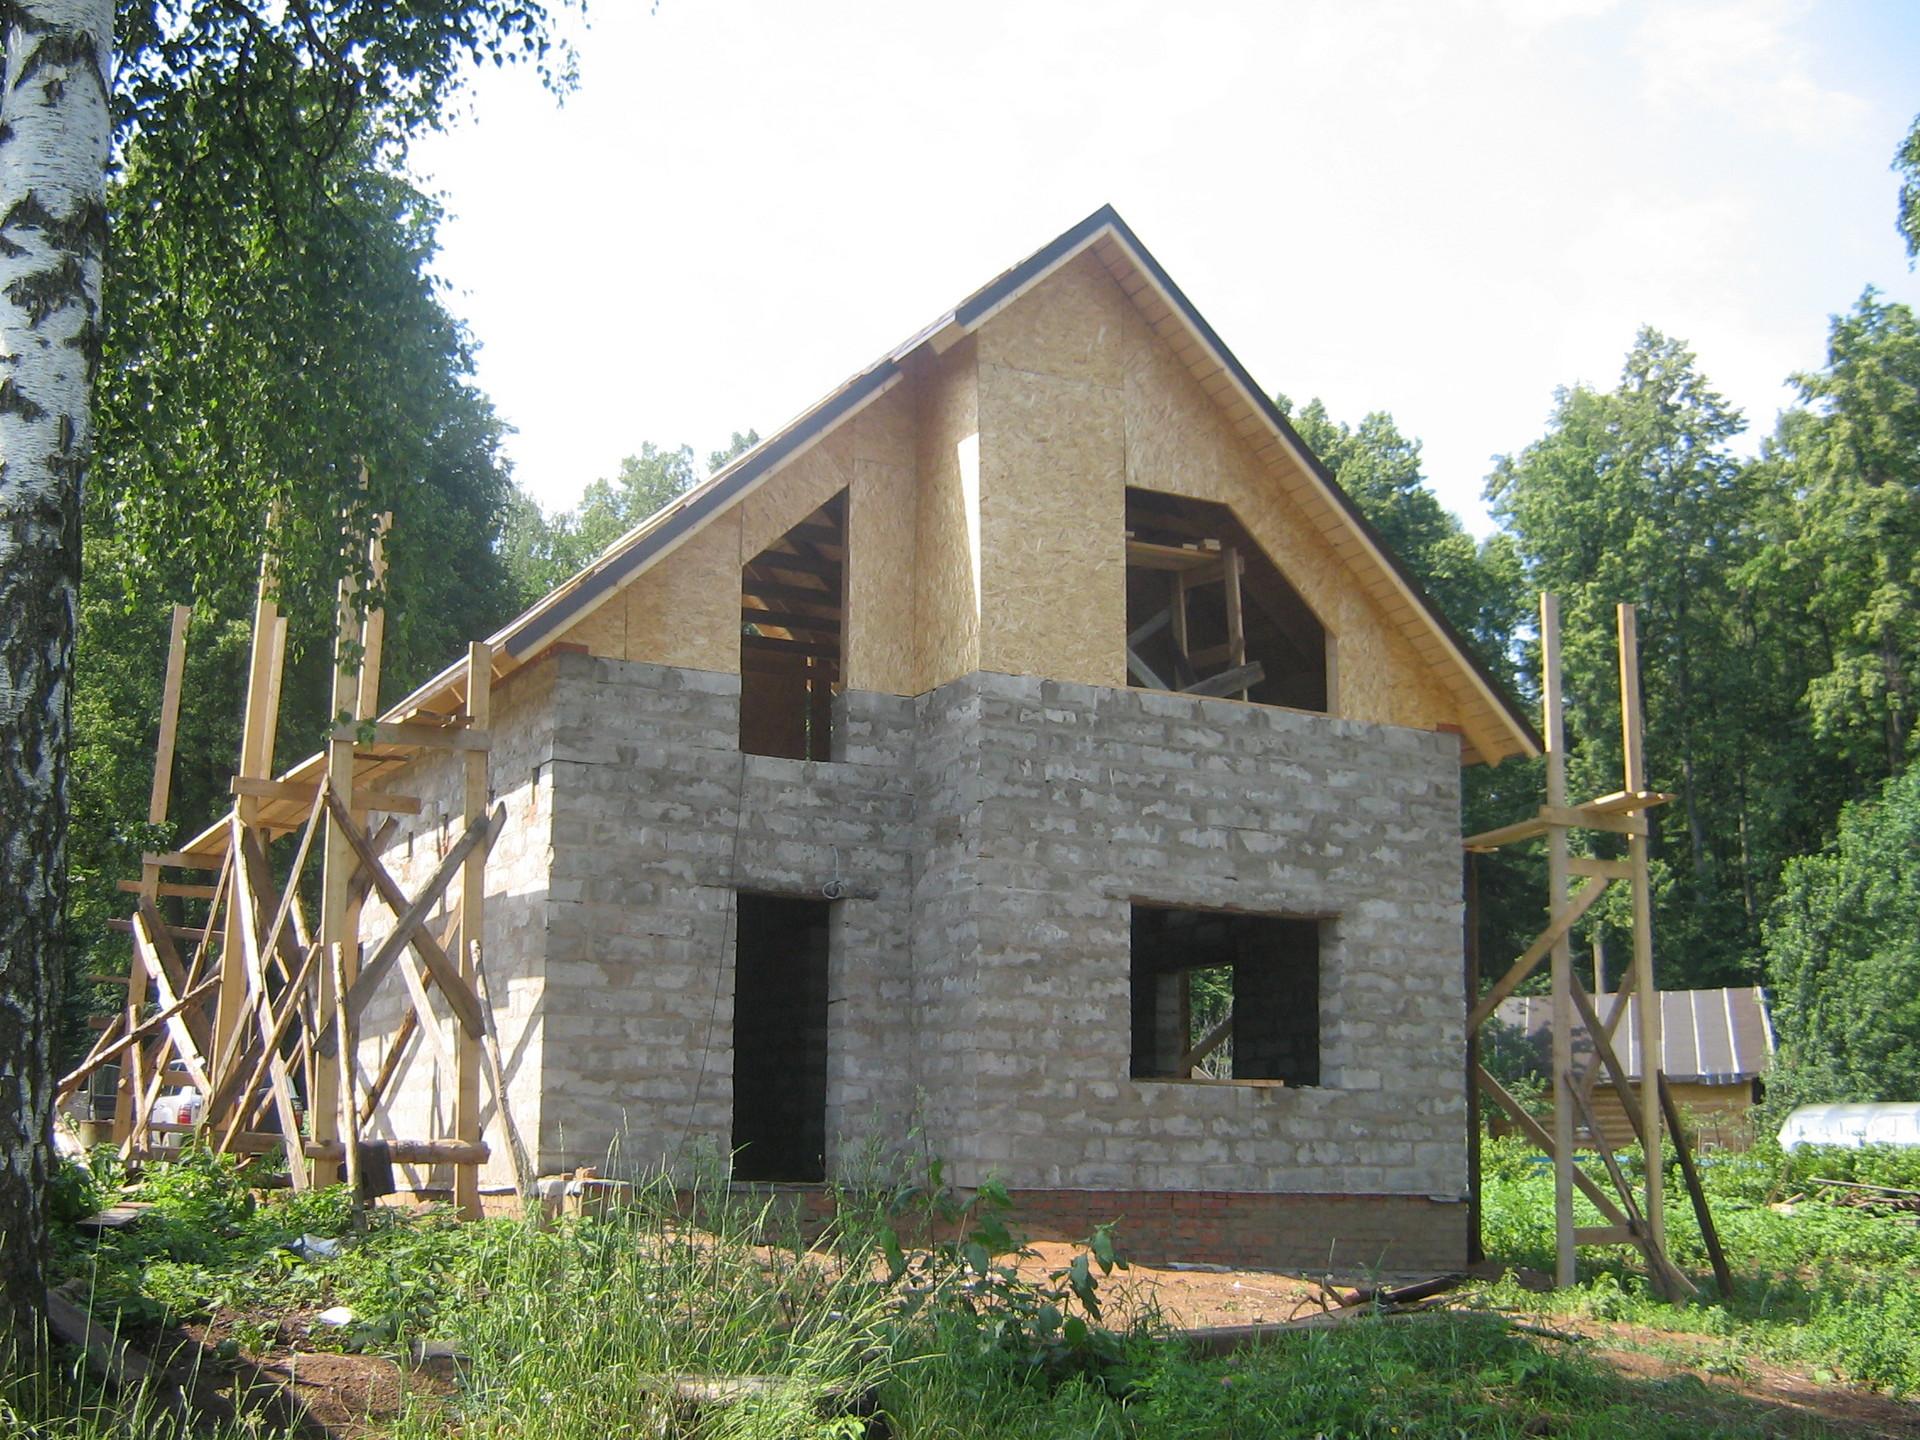 фото домом из пеноблока с ломаной крышей